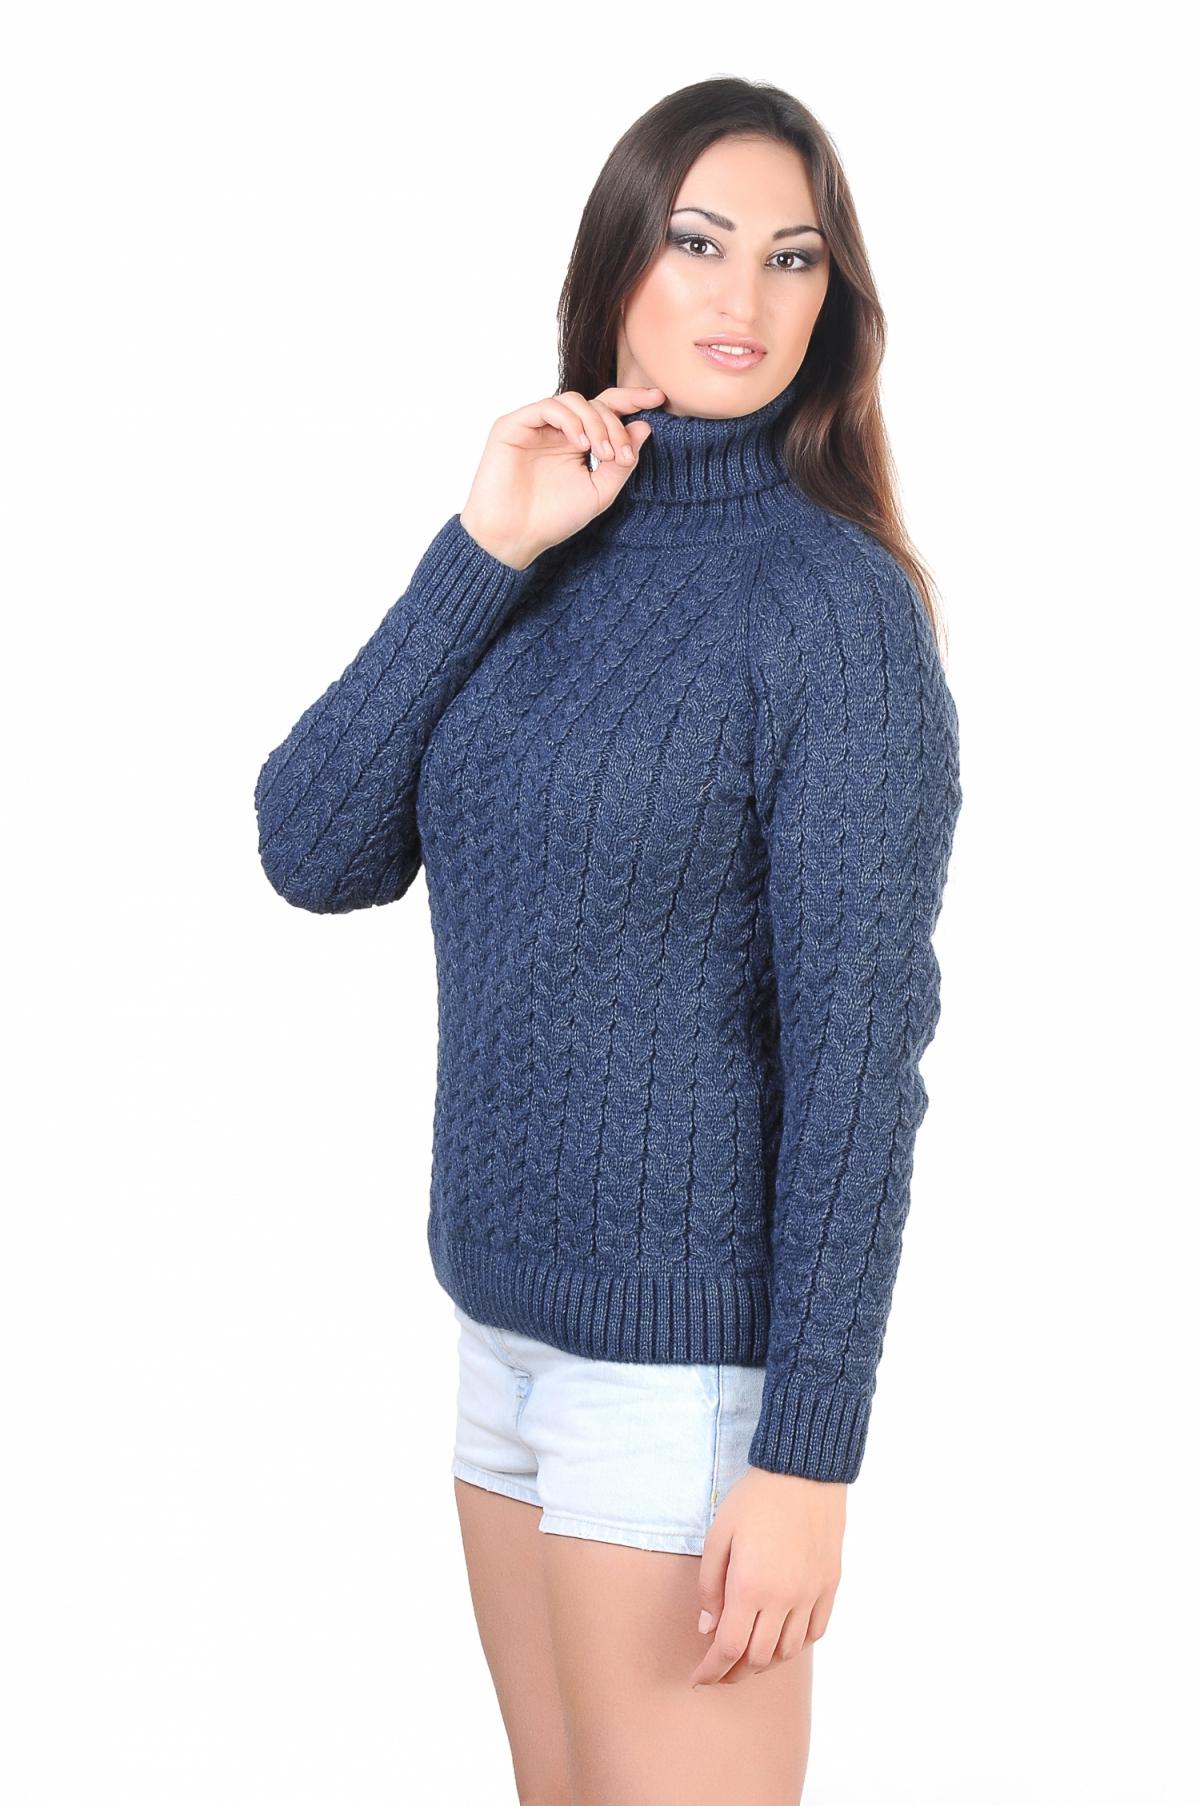 Купить свитер крупной вязки женский доставка